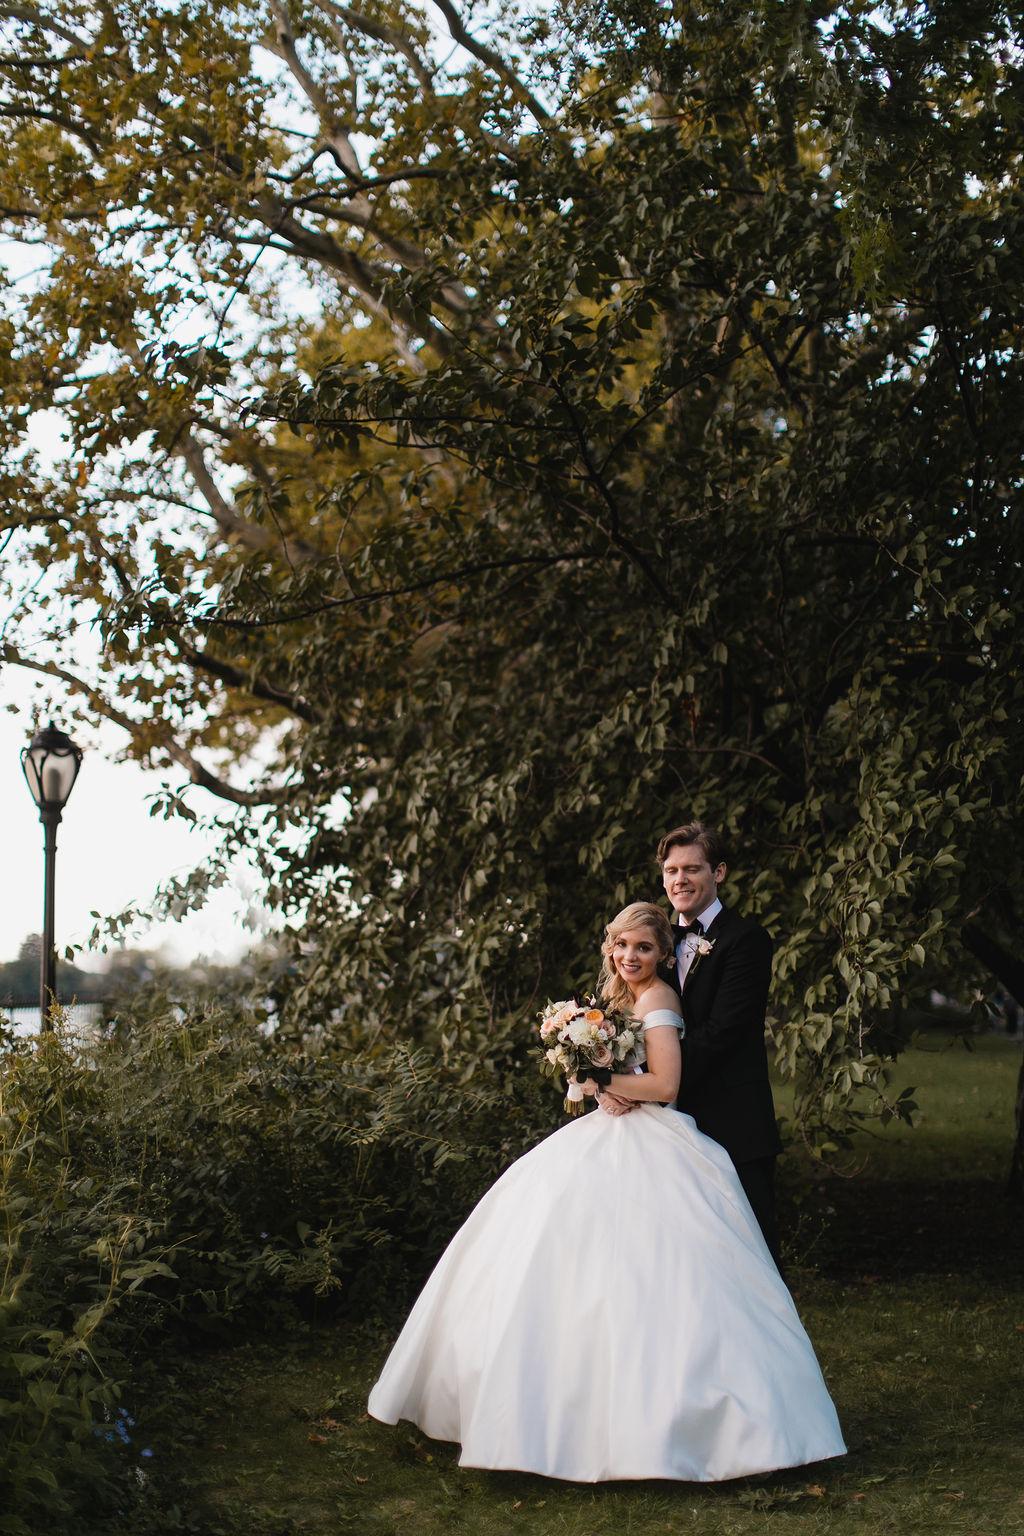 308_alex+kyle_wedding_by_Amber_Marlow.jpg